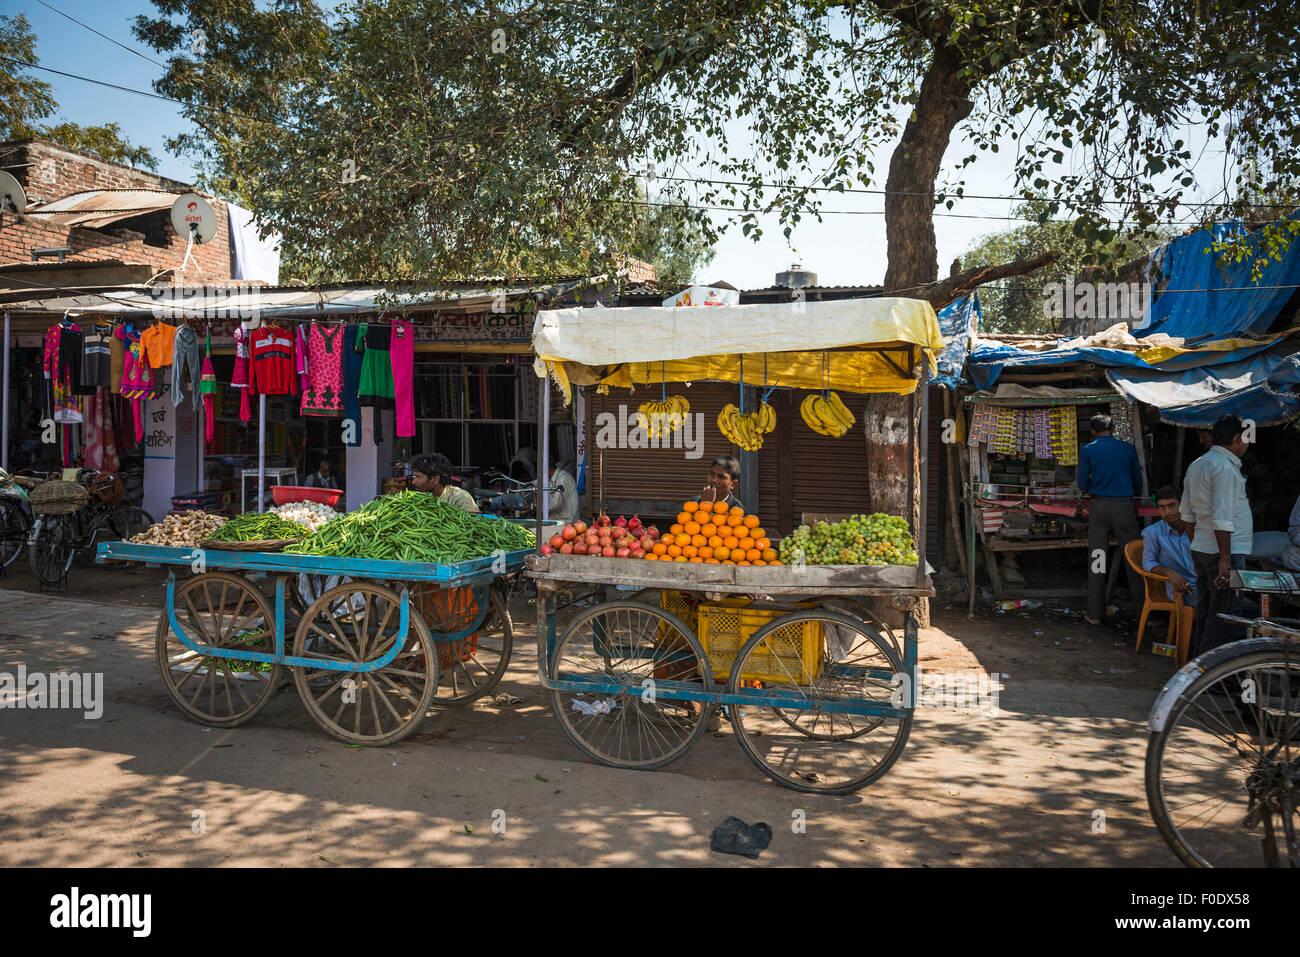 La vie quotidienne dans une petite ville de l'Inde Photo Stock